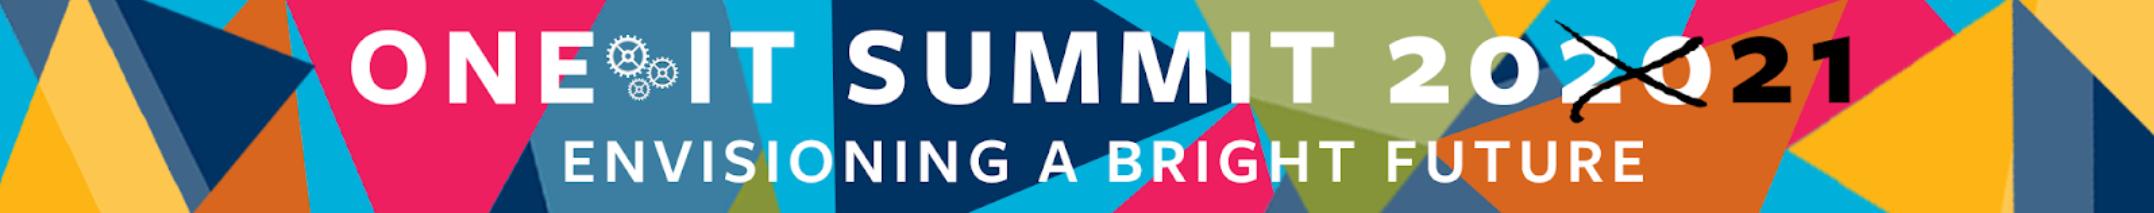 IT Summit header 2020 to 2021